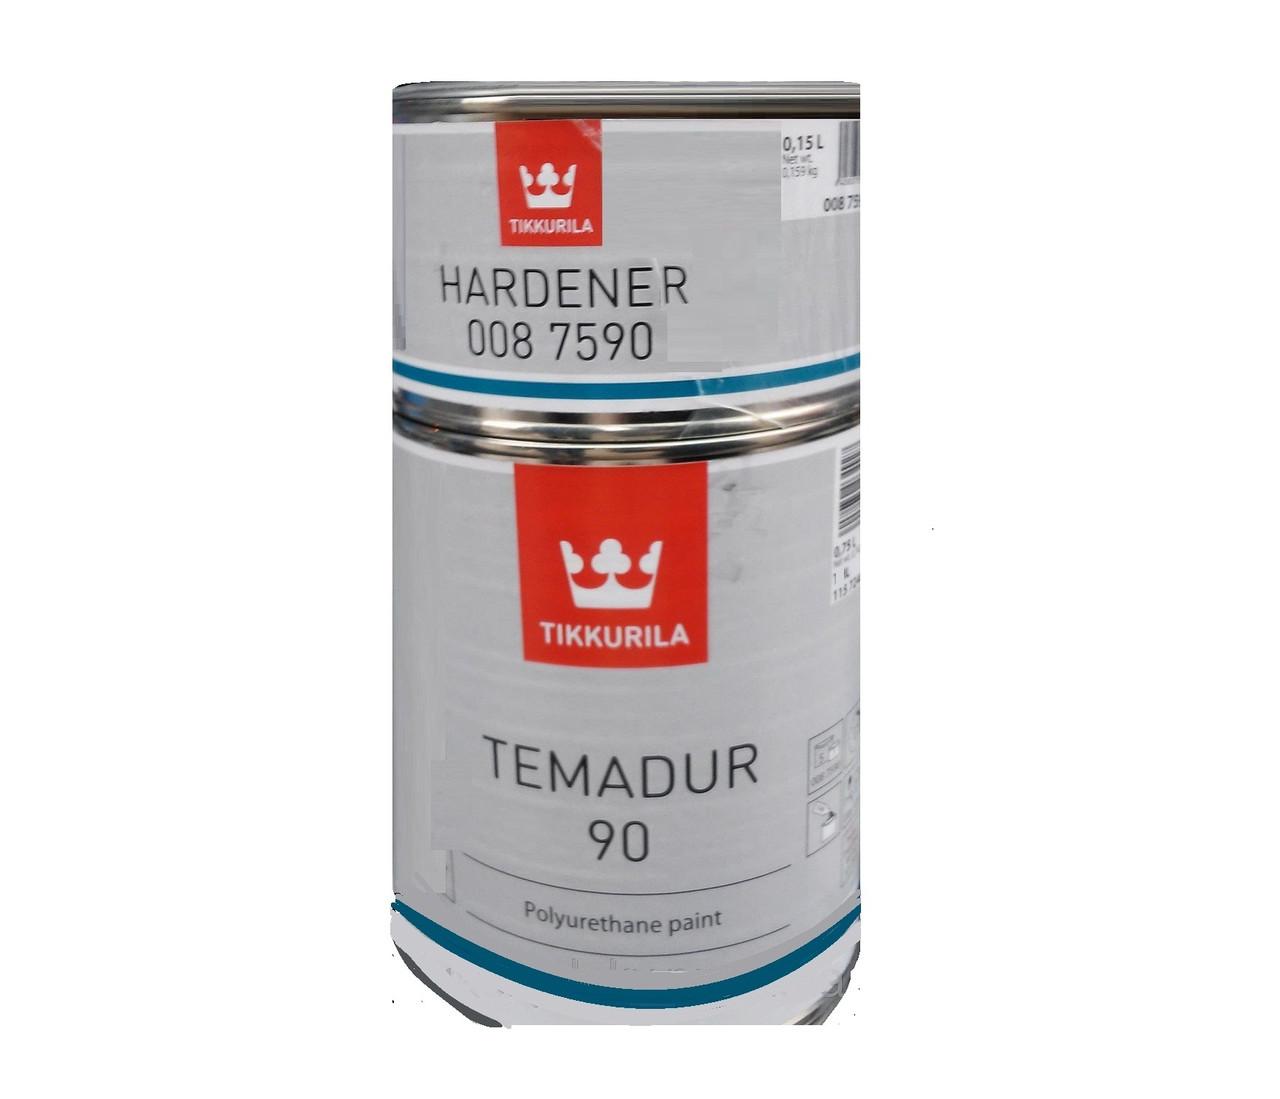 Эмаль полиуретановая TIKKURILA TEMADUR 90 износостойкая, TAL-белый, 0,75+0,15л